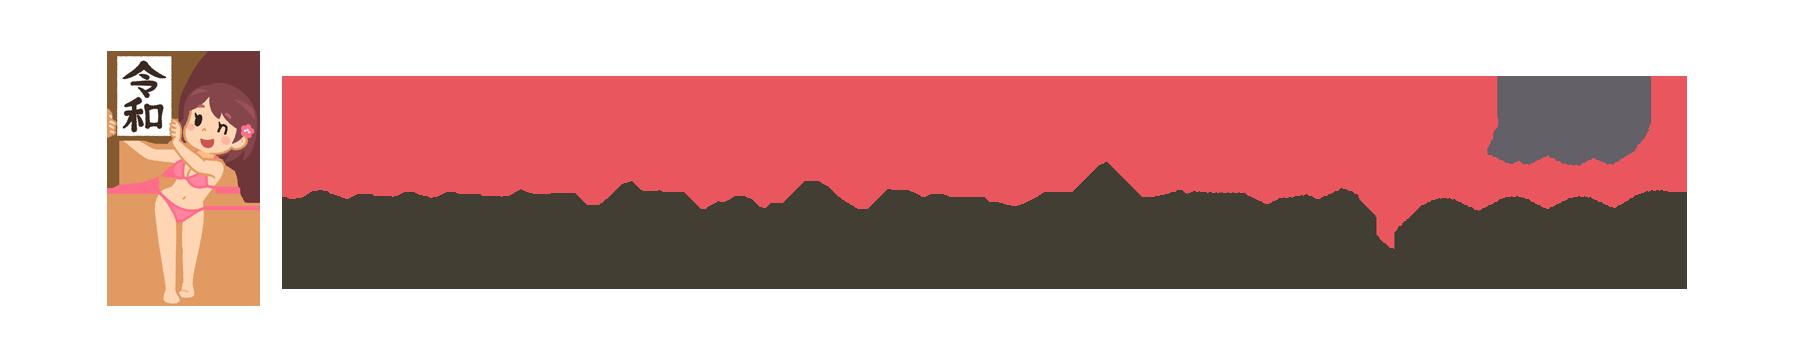 失敗しない有料アダルトサイト選び 2020